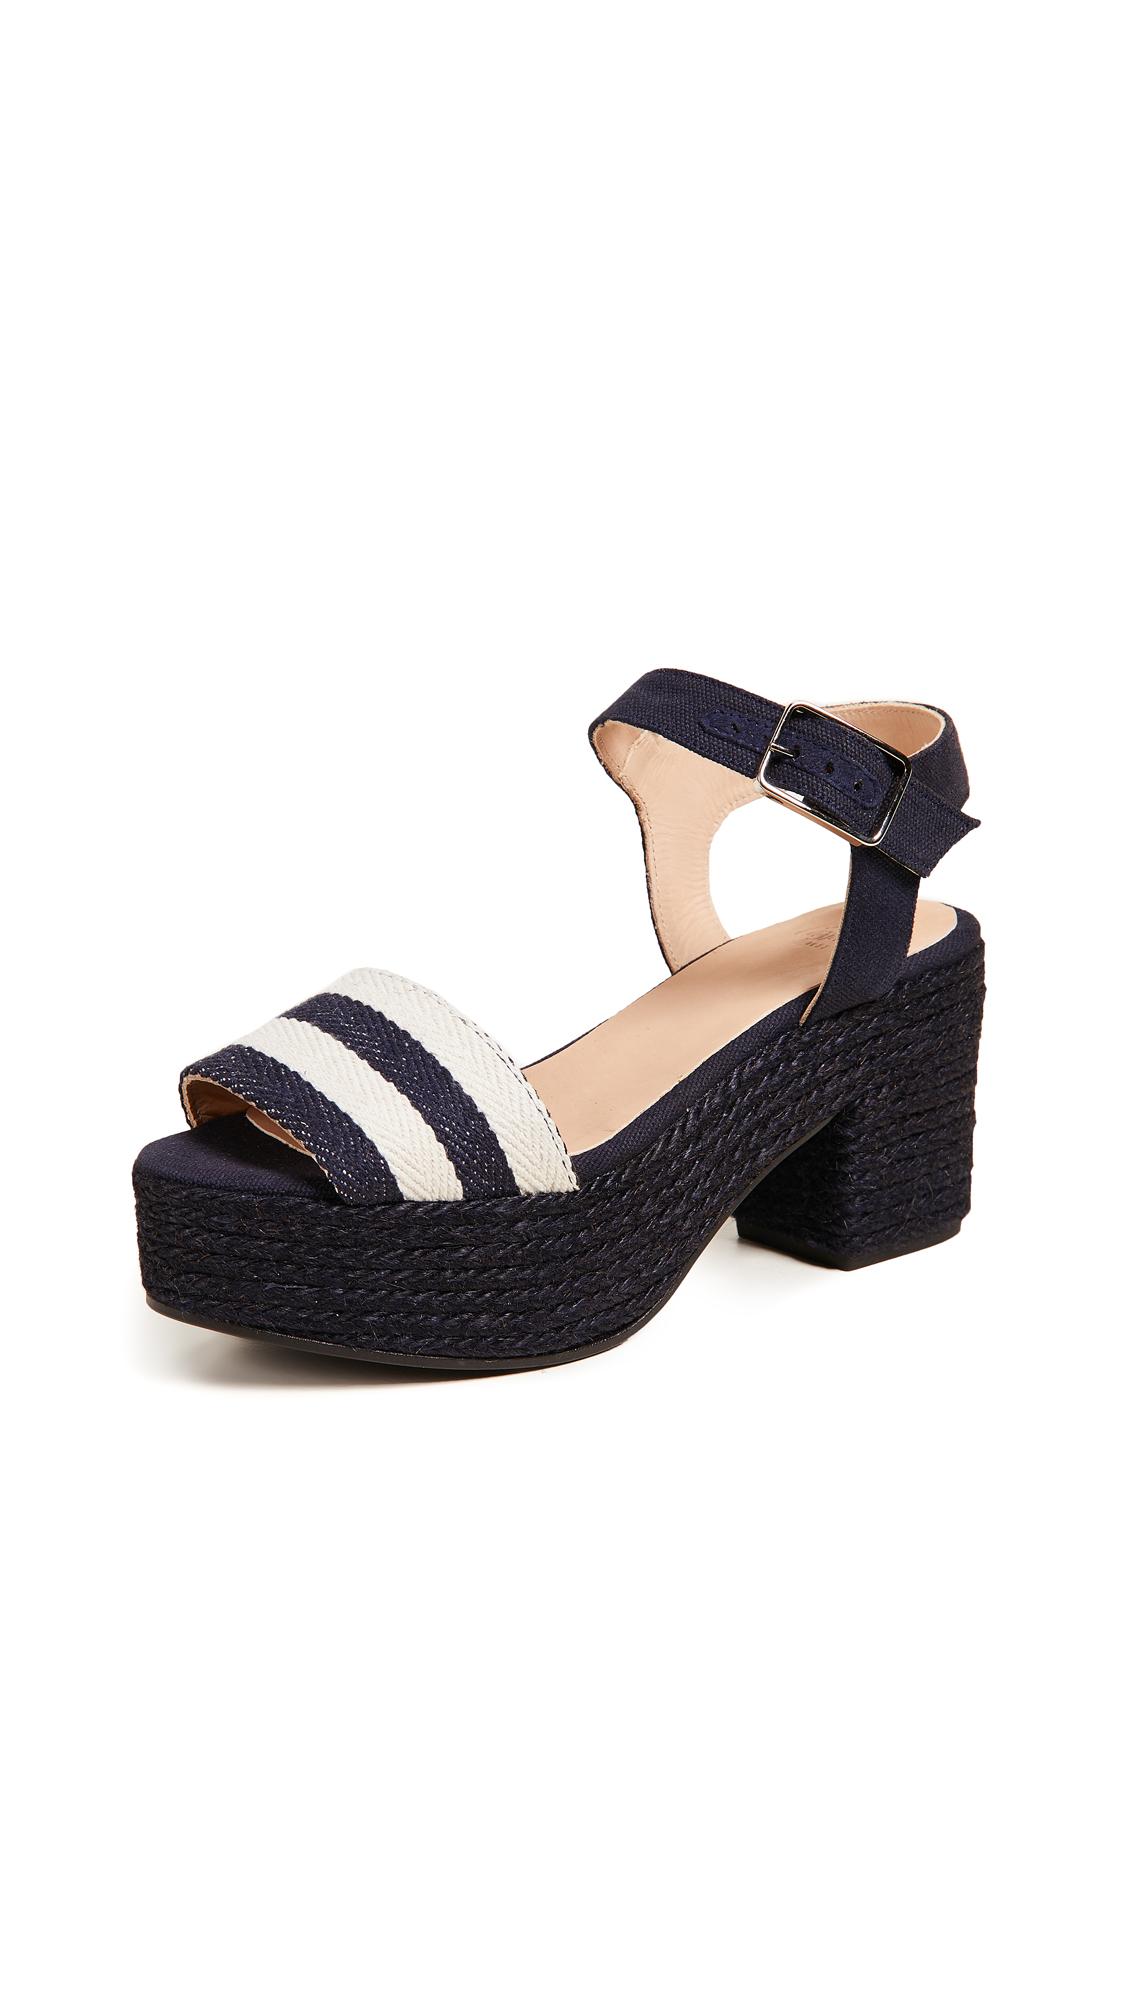 Castaner Yam Platform Sandals - Azul Oscuro